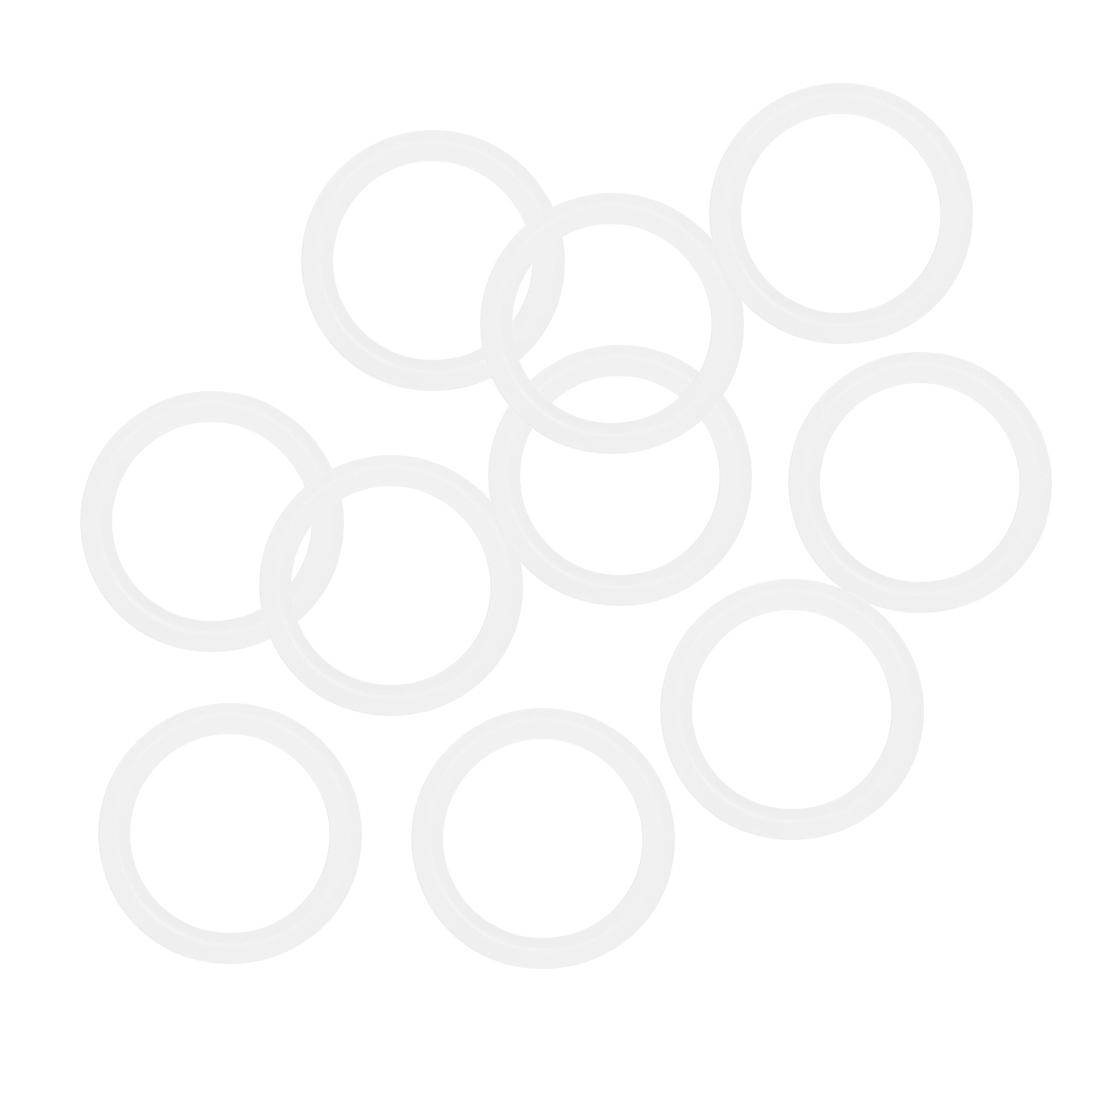 10 Pcs Silica Gel O-rings Sealing Rings 16mm x 2mm White Gasket Washer